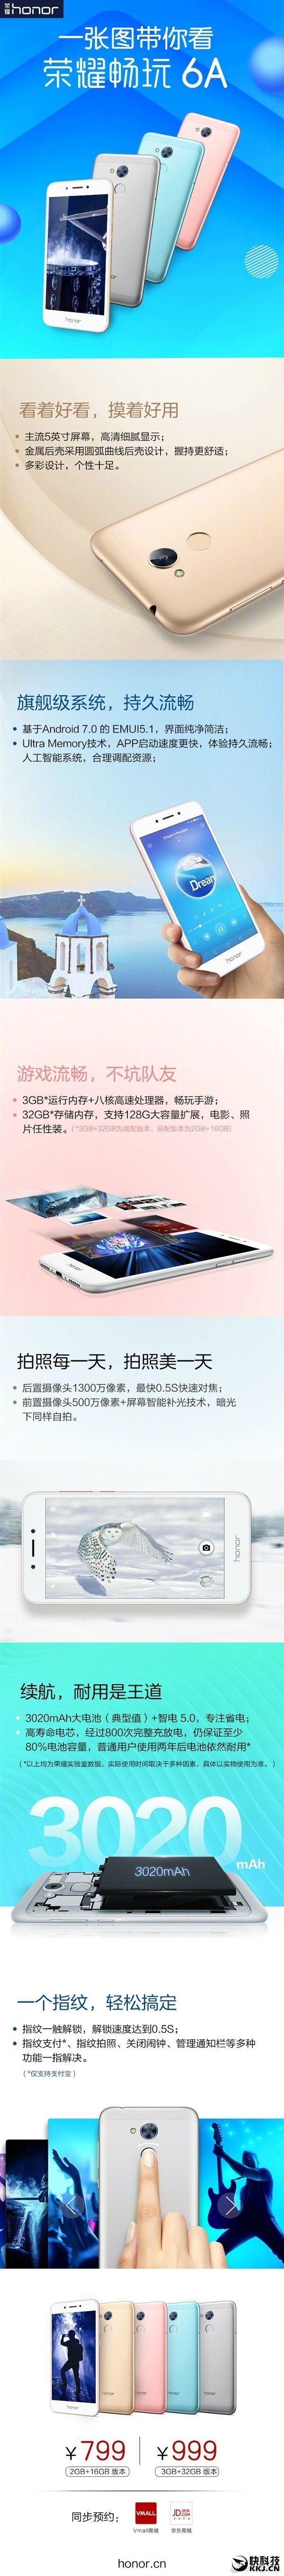 Дебют Honor 6A: 5-дюймовый дисплей, Snapdragon 430 и цена от $116 – фото 3